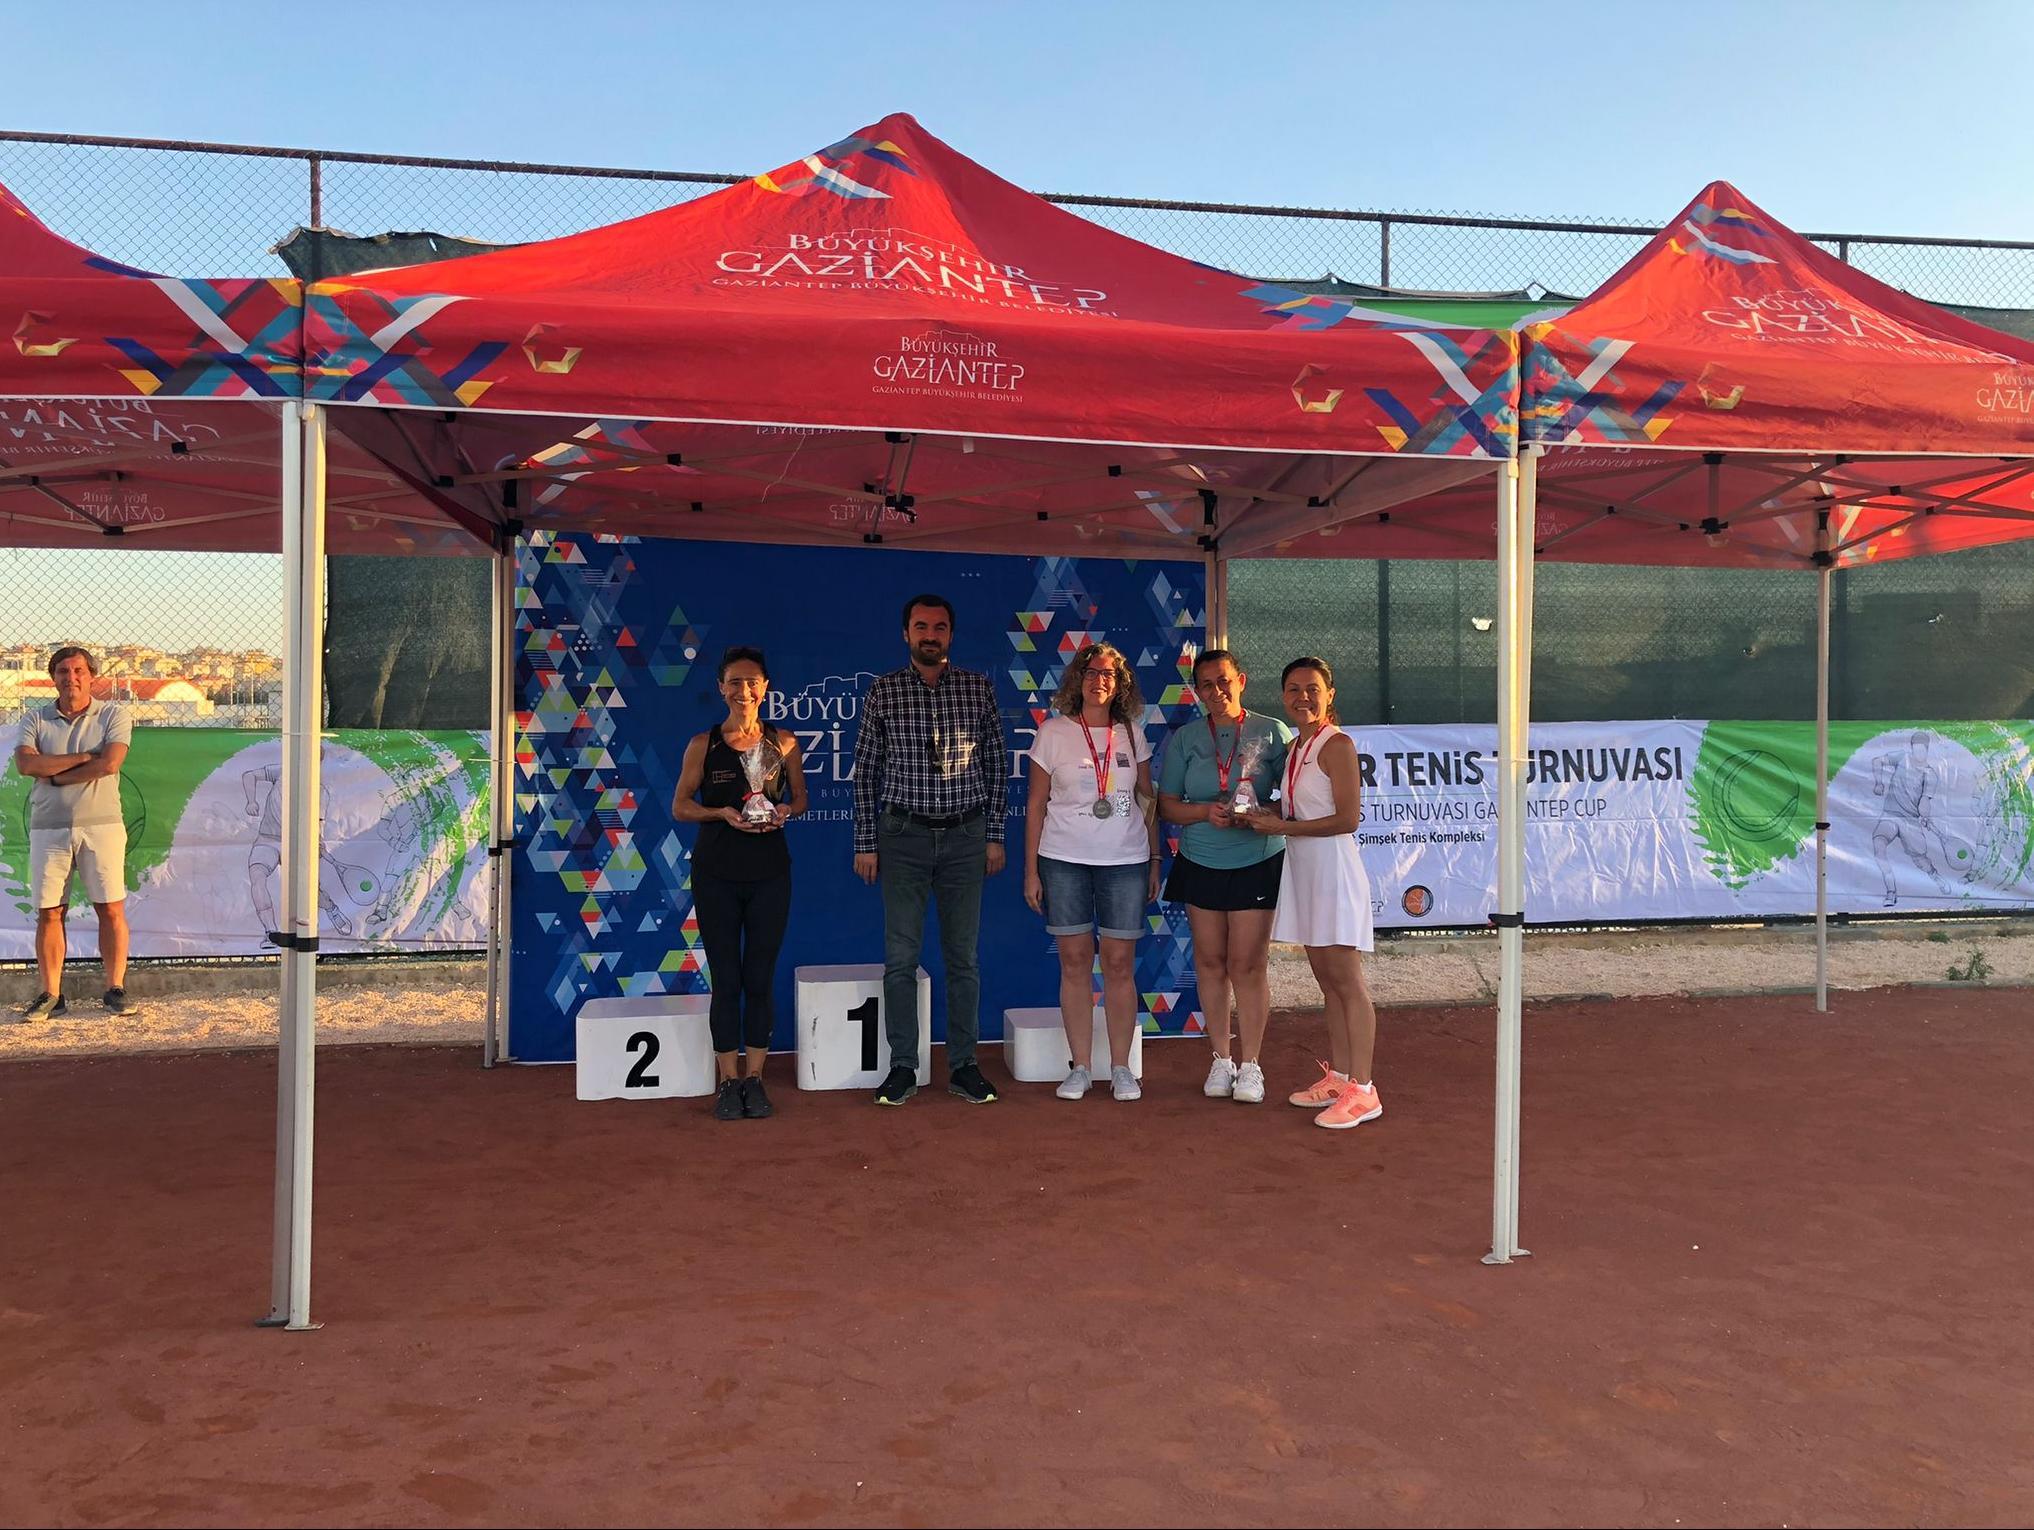 Gaziantep'te Uluslararası Tenis Turnuvası'nda derece alan isimler ödüllendirildi